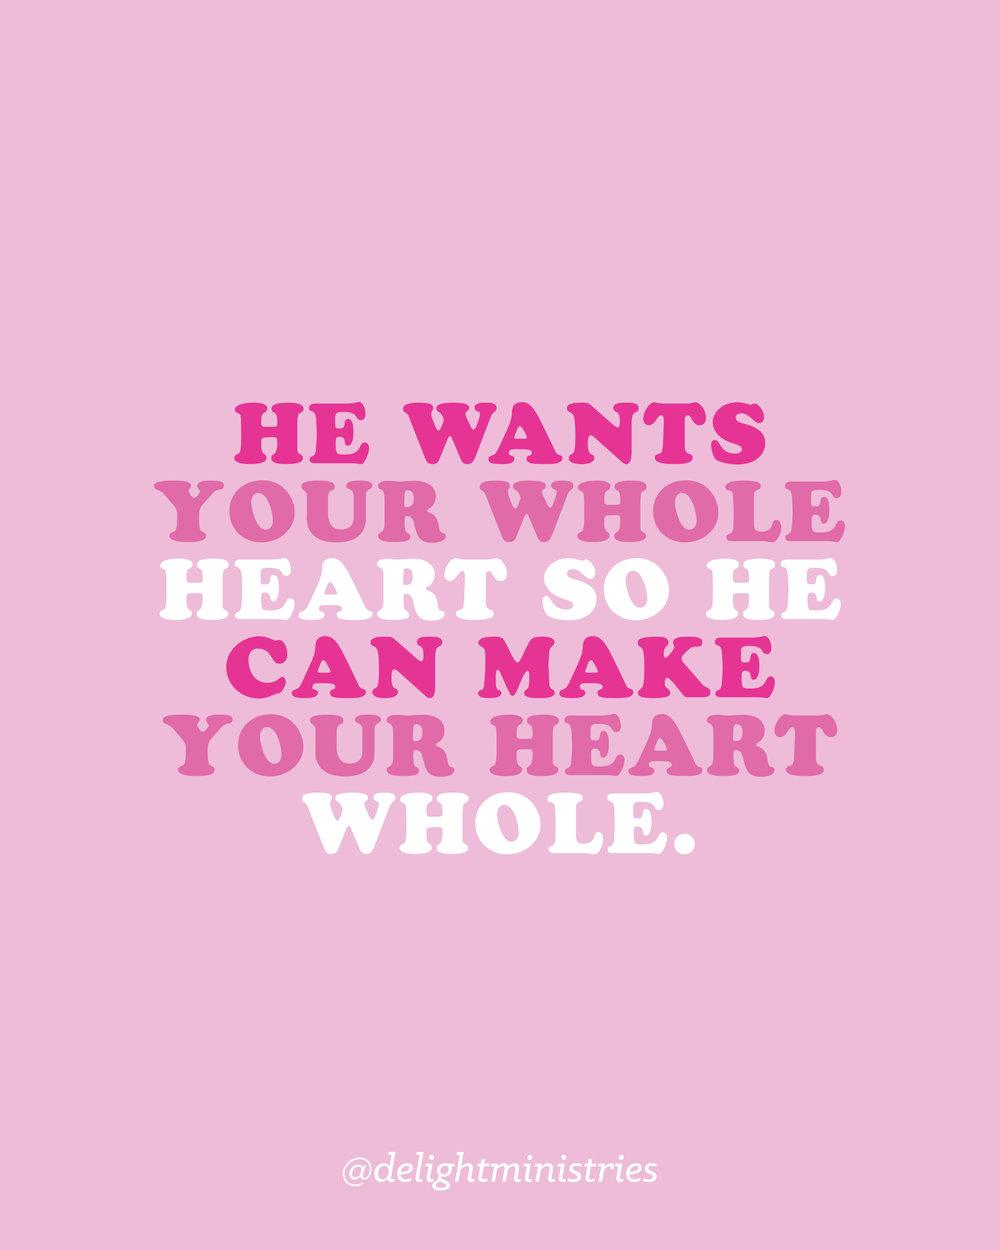 Wholeheart.heartwhole.jpg